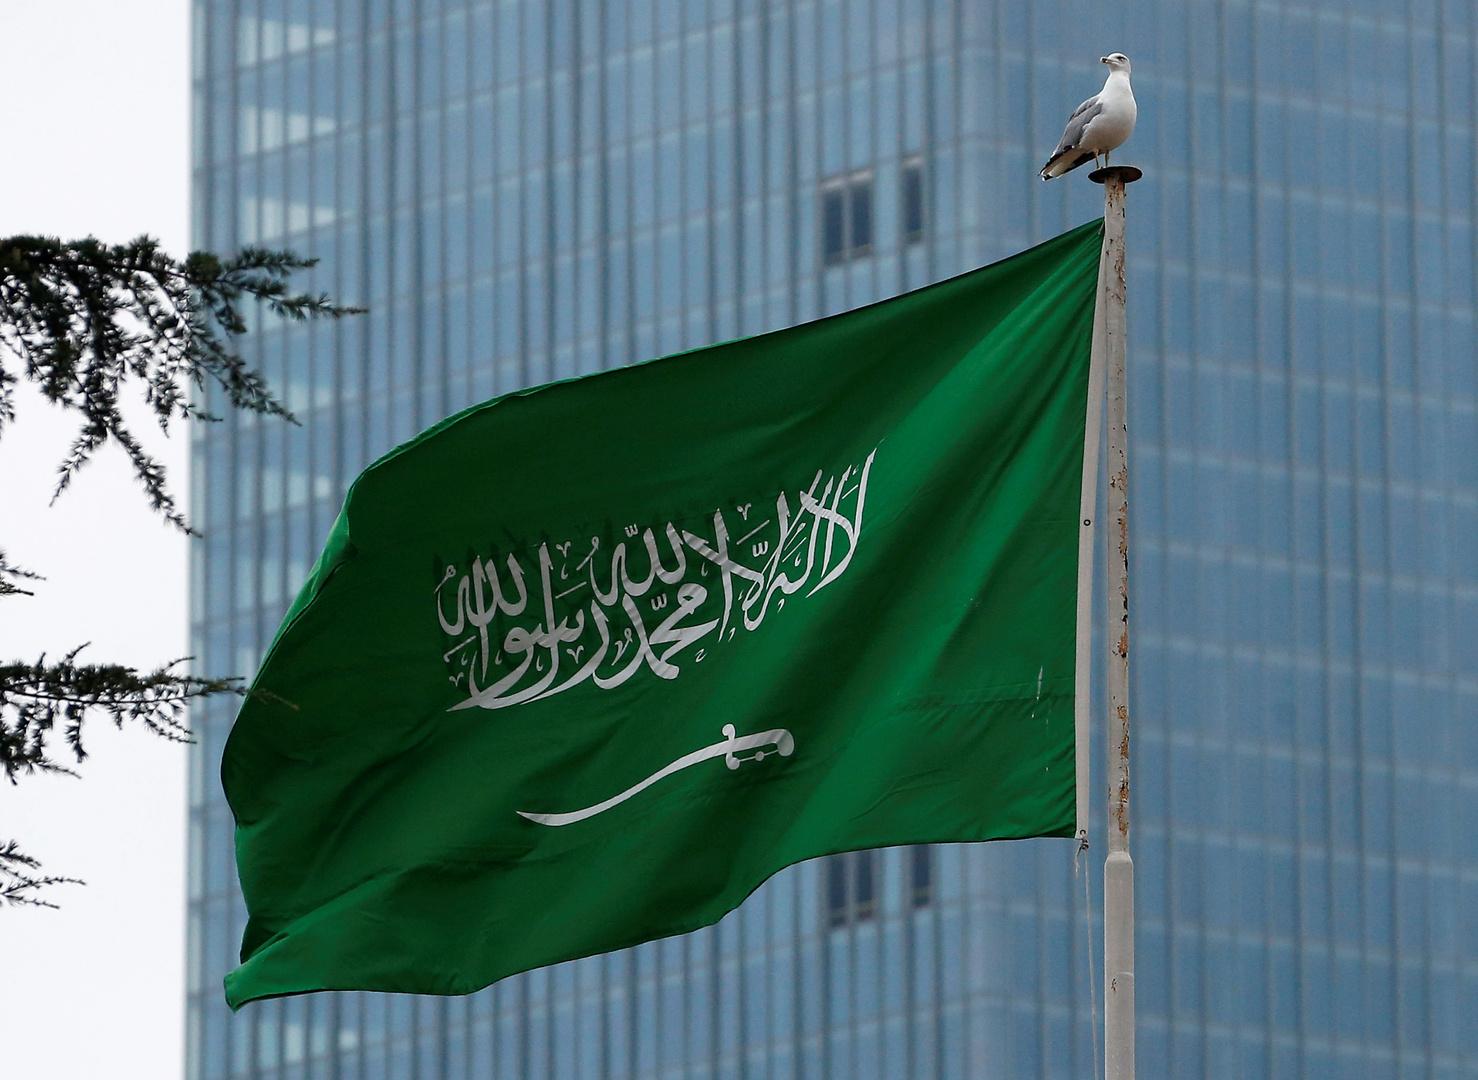 لأول مرة.. نشر صور صادمة للحظة مقتل مصريين على يد مواطن سعودي في السعودية